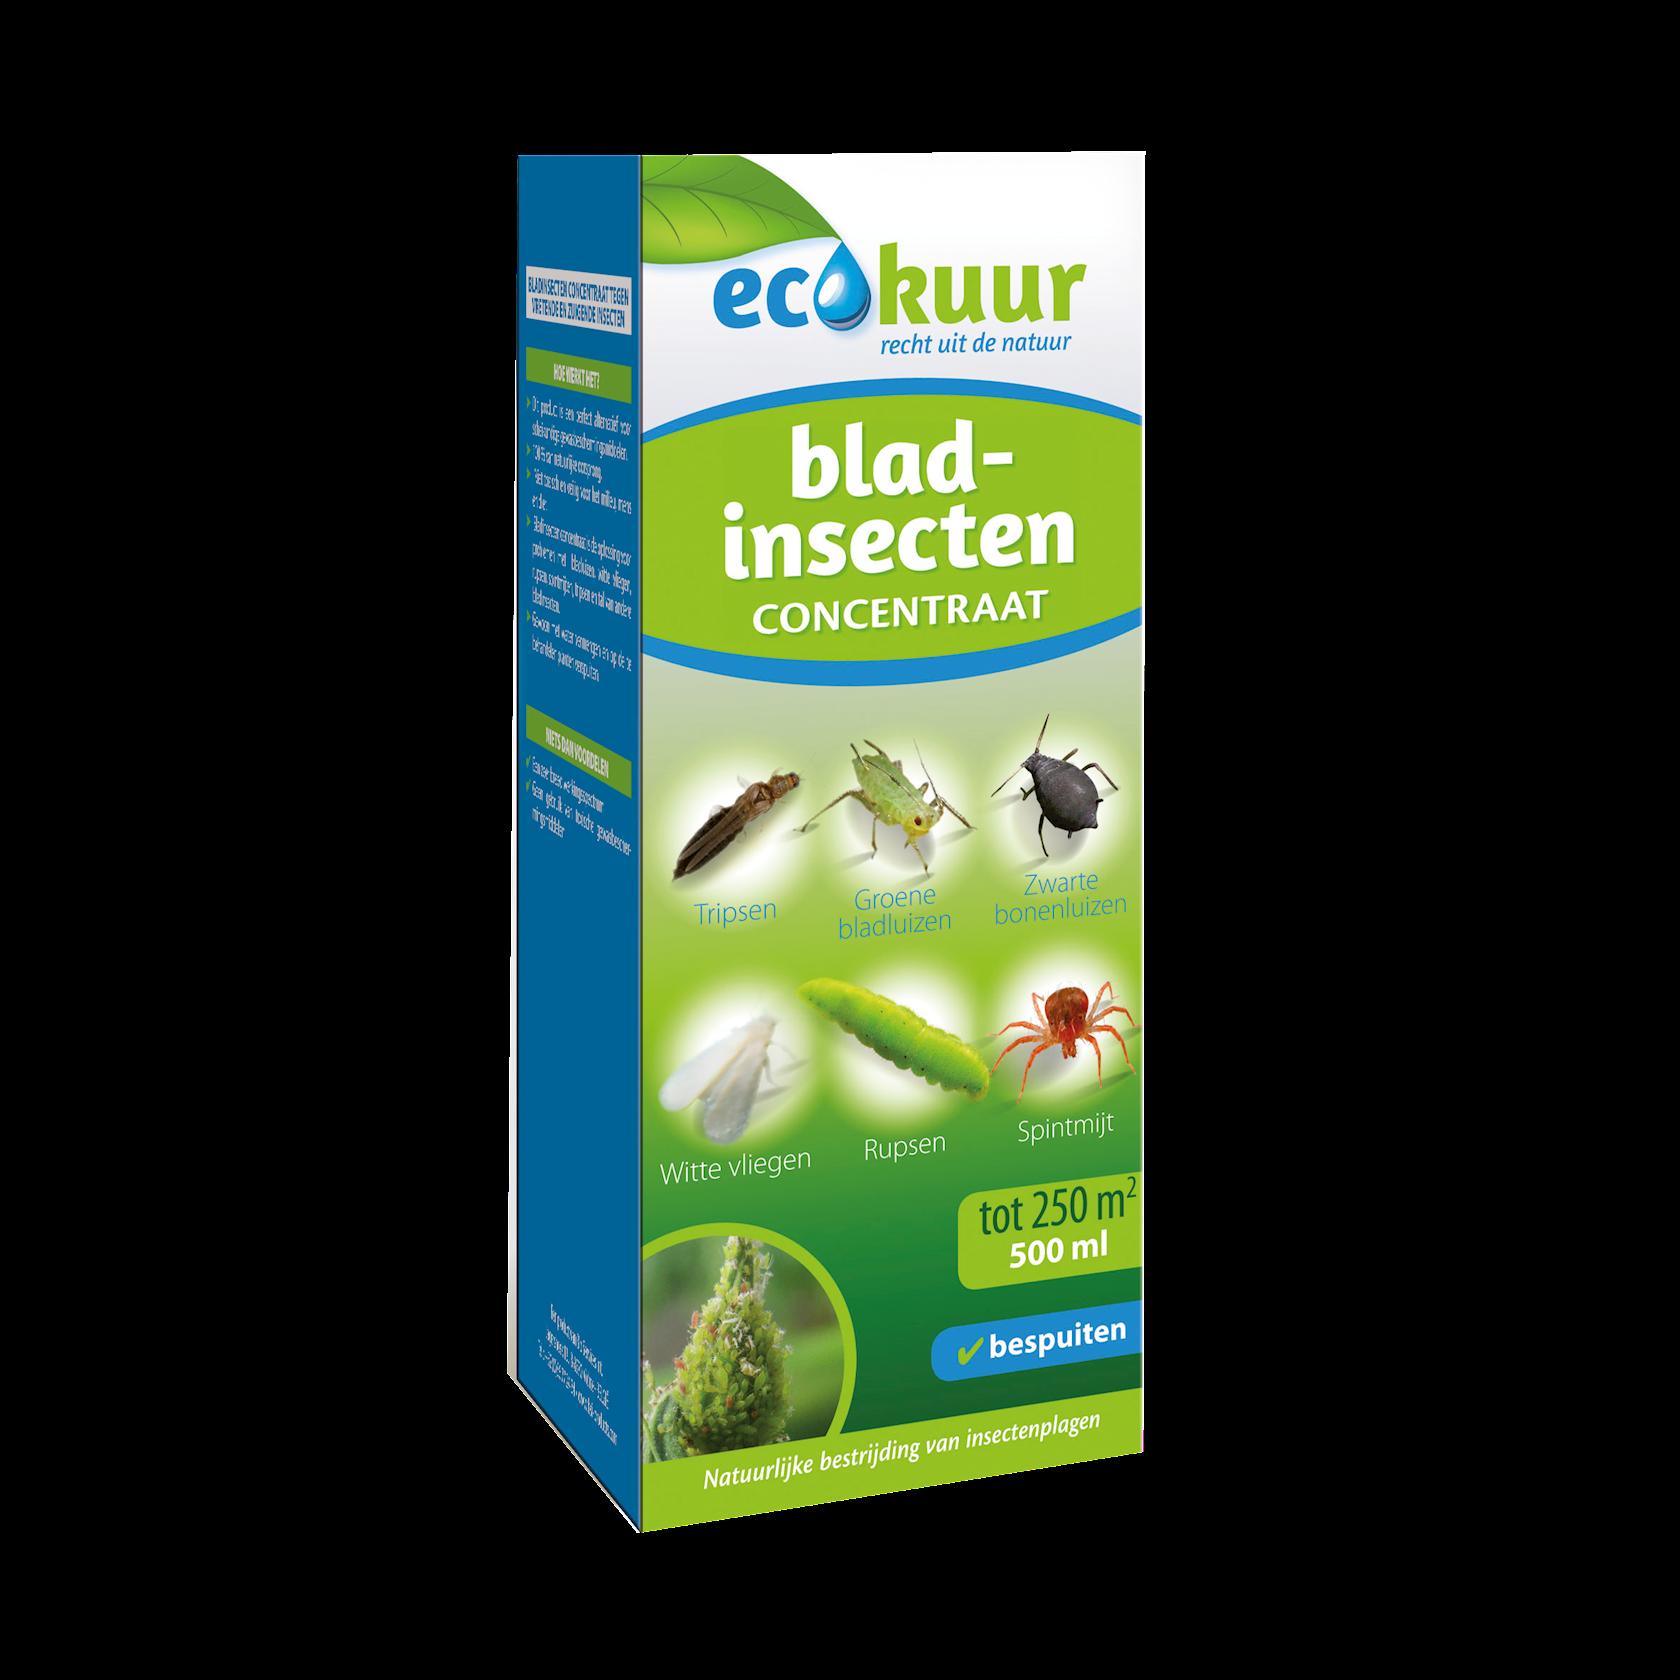 Ecokuur-bladinsecten-500ml-concentraat-tegen-vretende-en-zuigende-insecten